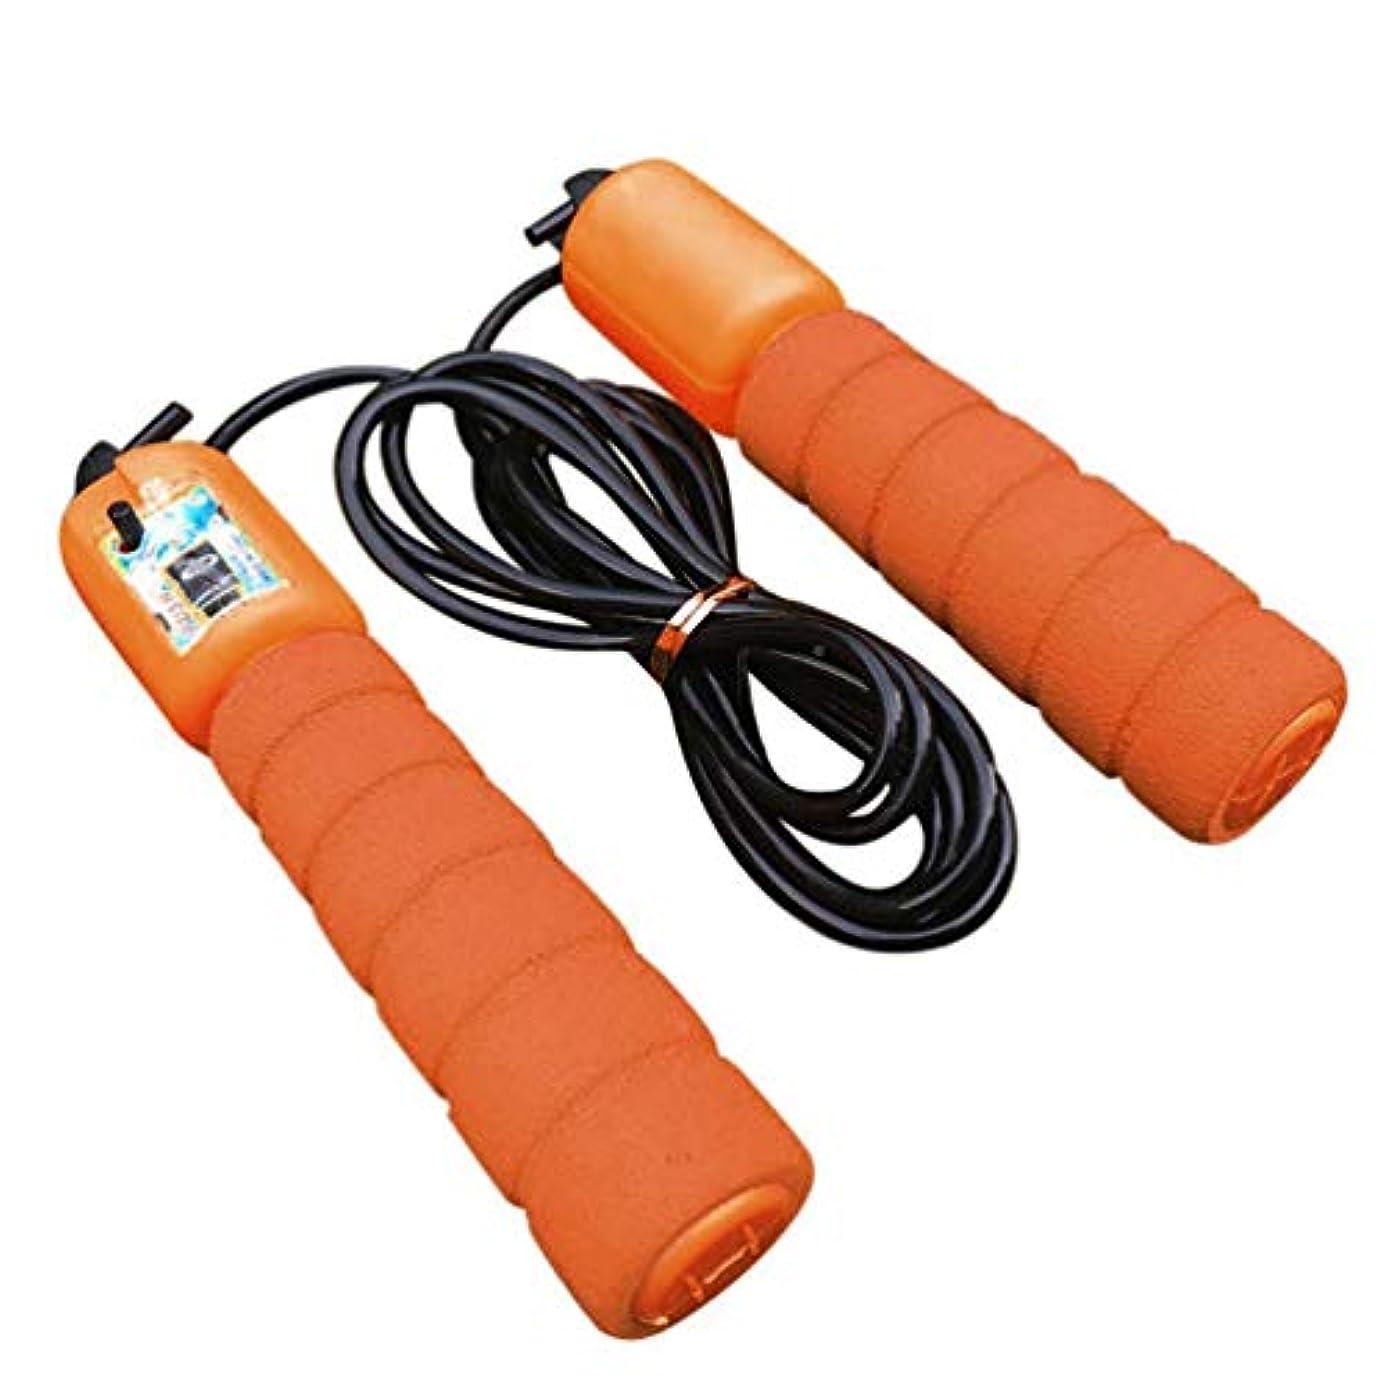 休戦汚染された描く調整可能なプロフェッショナルカウントスキップロープ自動カウントジャンプロープフィットネスエクササイズ高速スピードカウントジャンプロープ-オレンジ